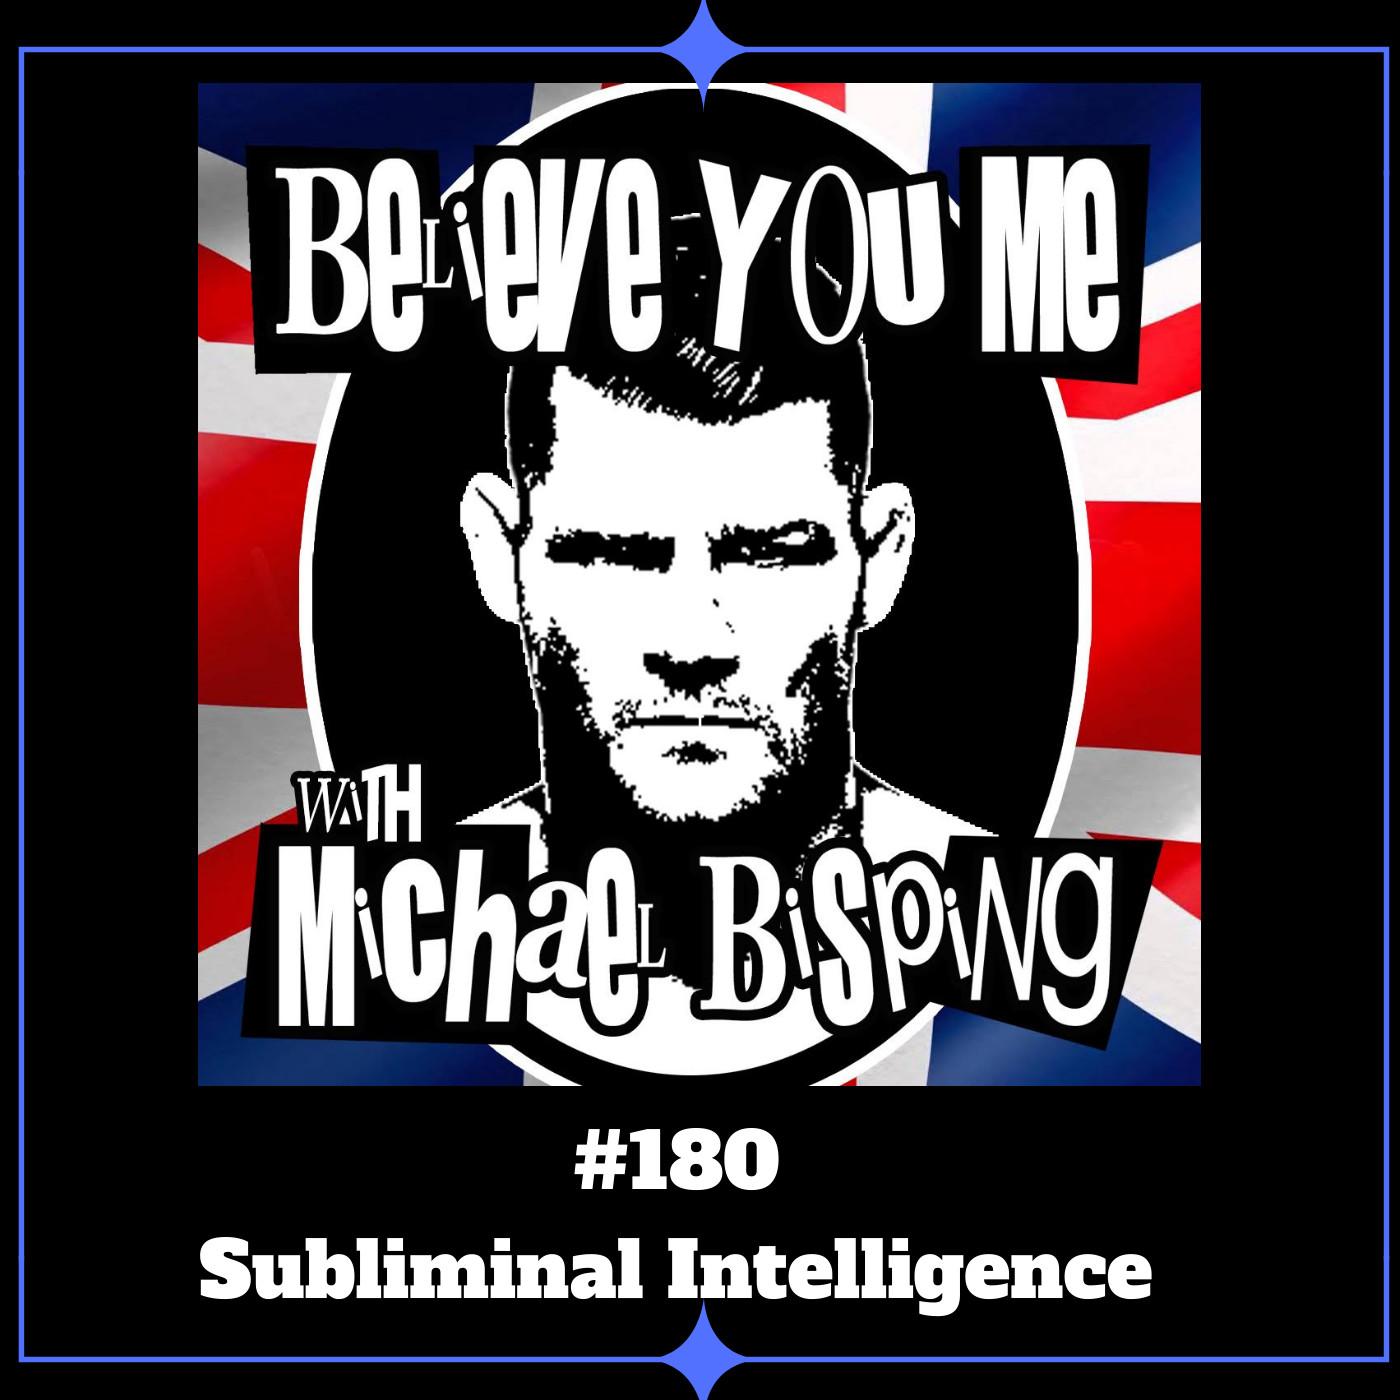 180 - Subliminal Intelligence